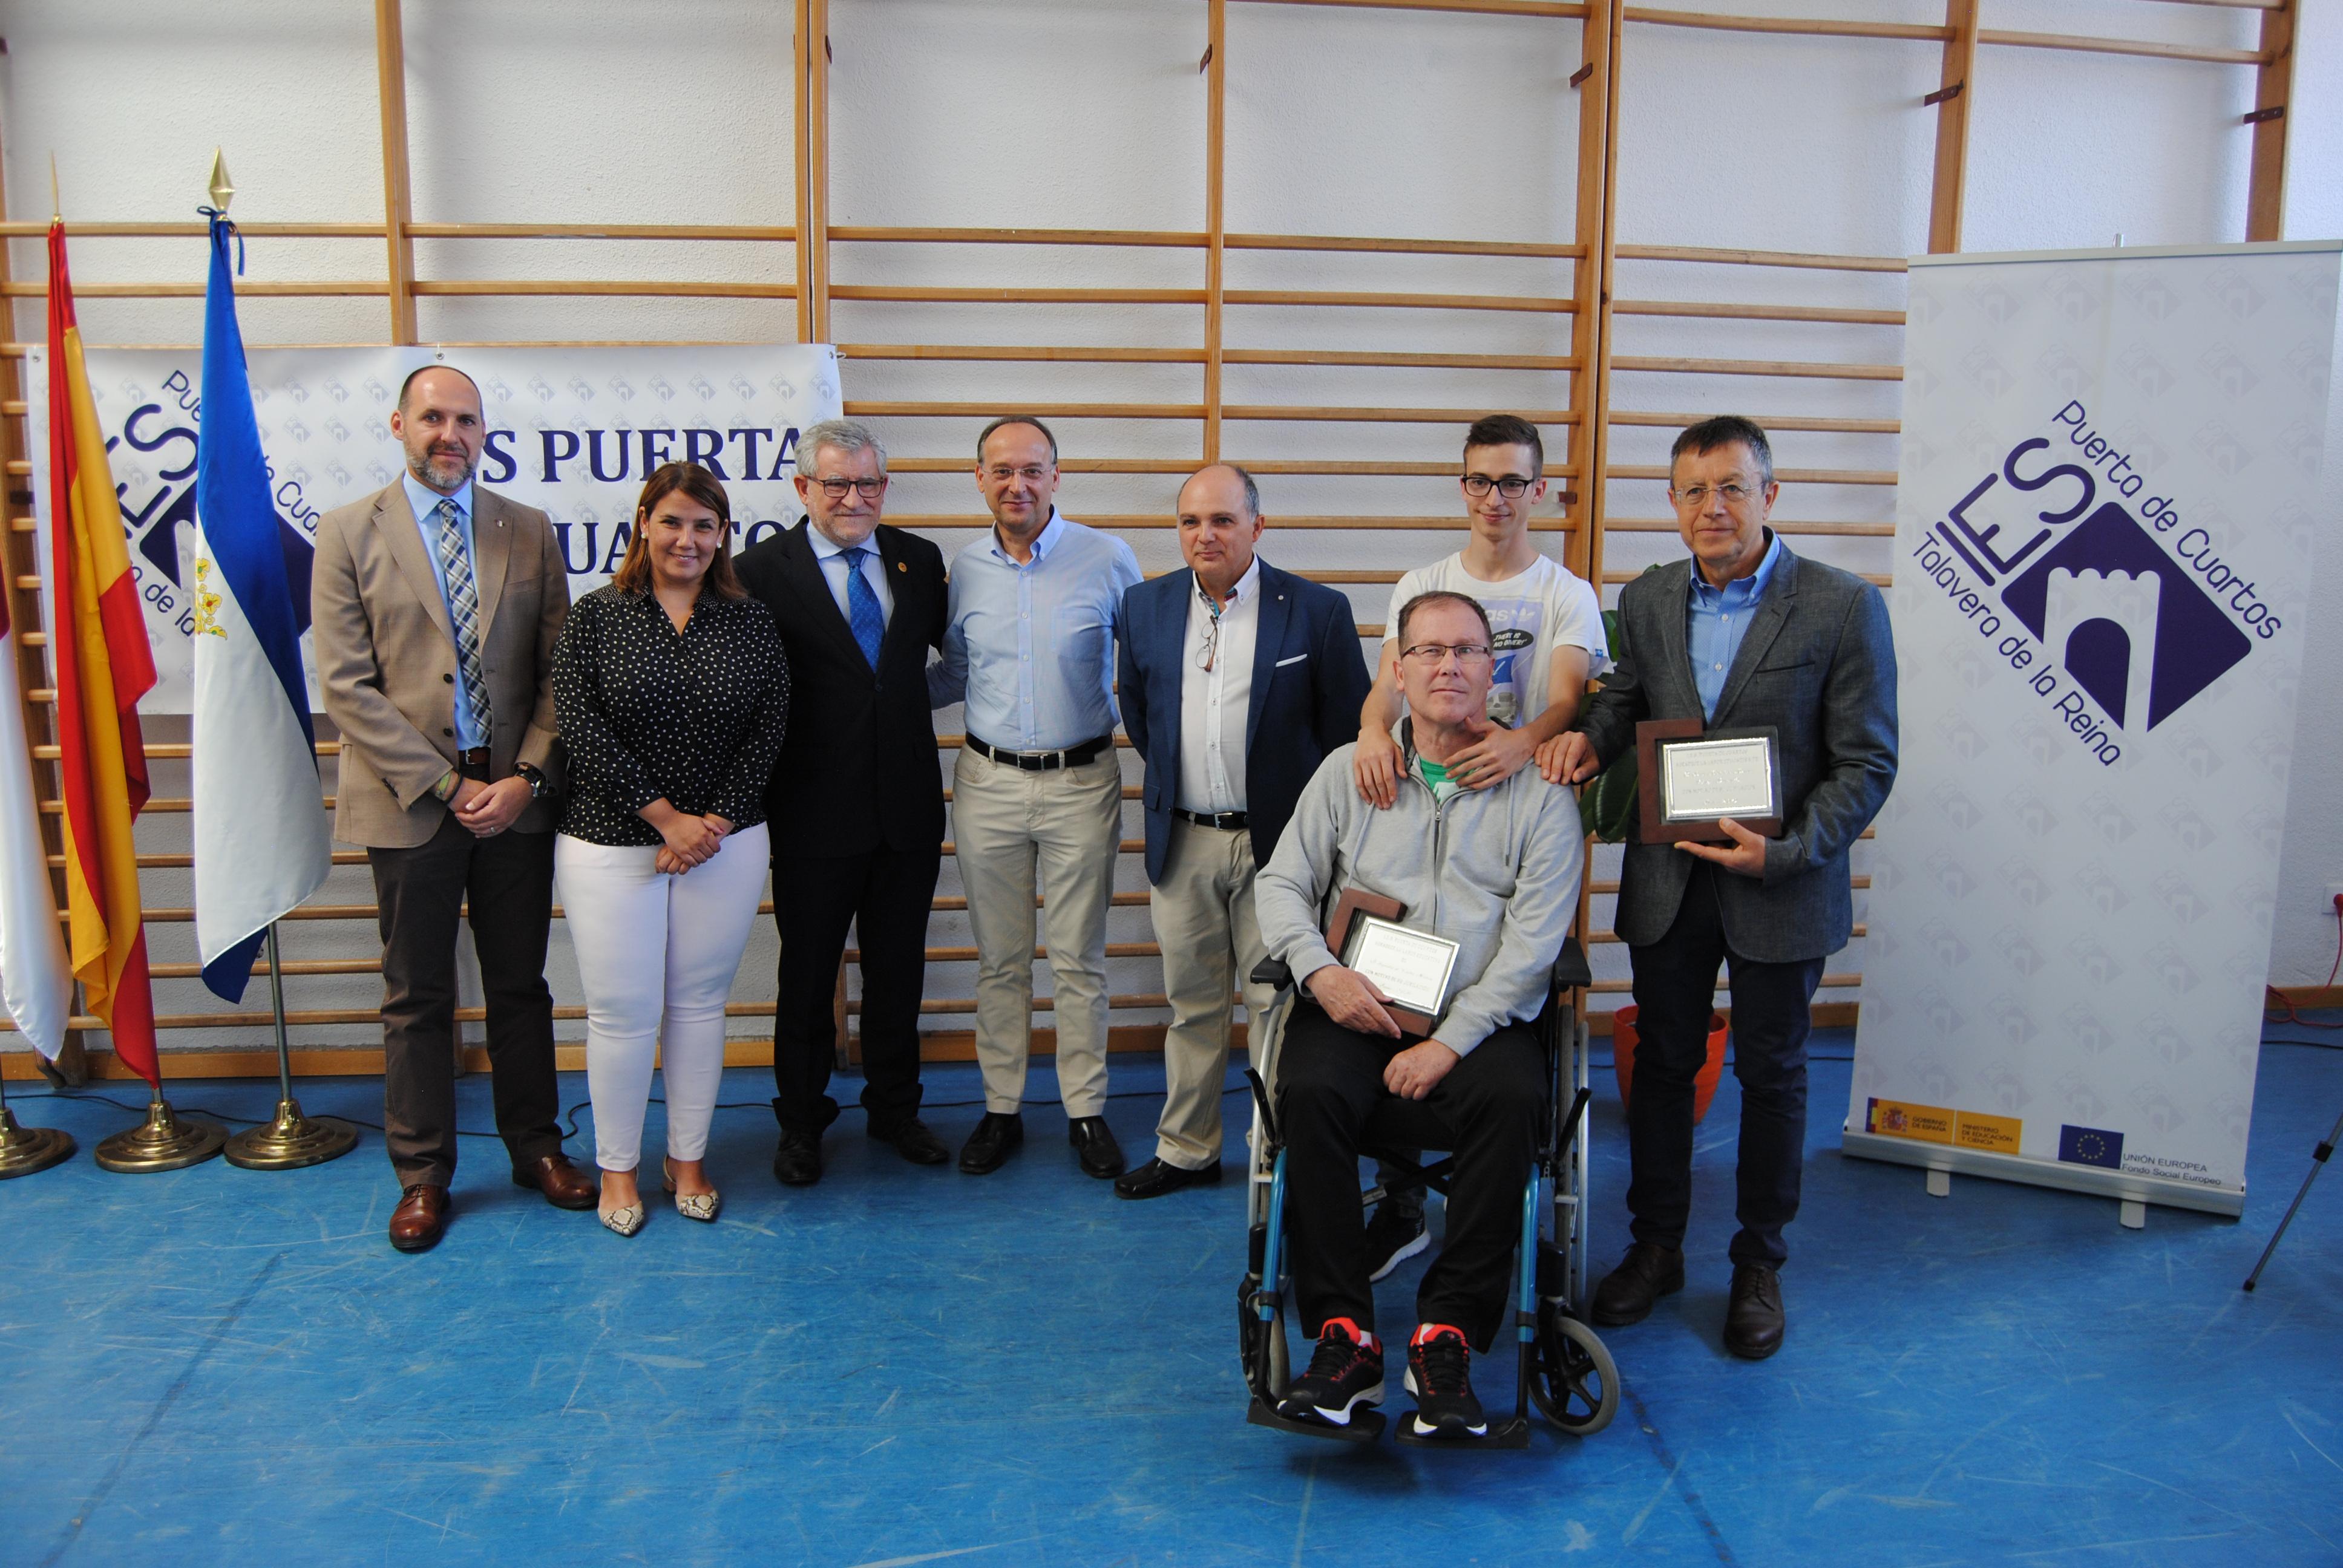 El Gobierno regional celebra con el IES 'Puerta de Cuartos' de Talavera de la Reina su 30 aniversario y felicita a su Comunidad Educativa